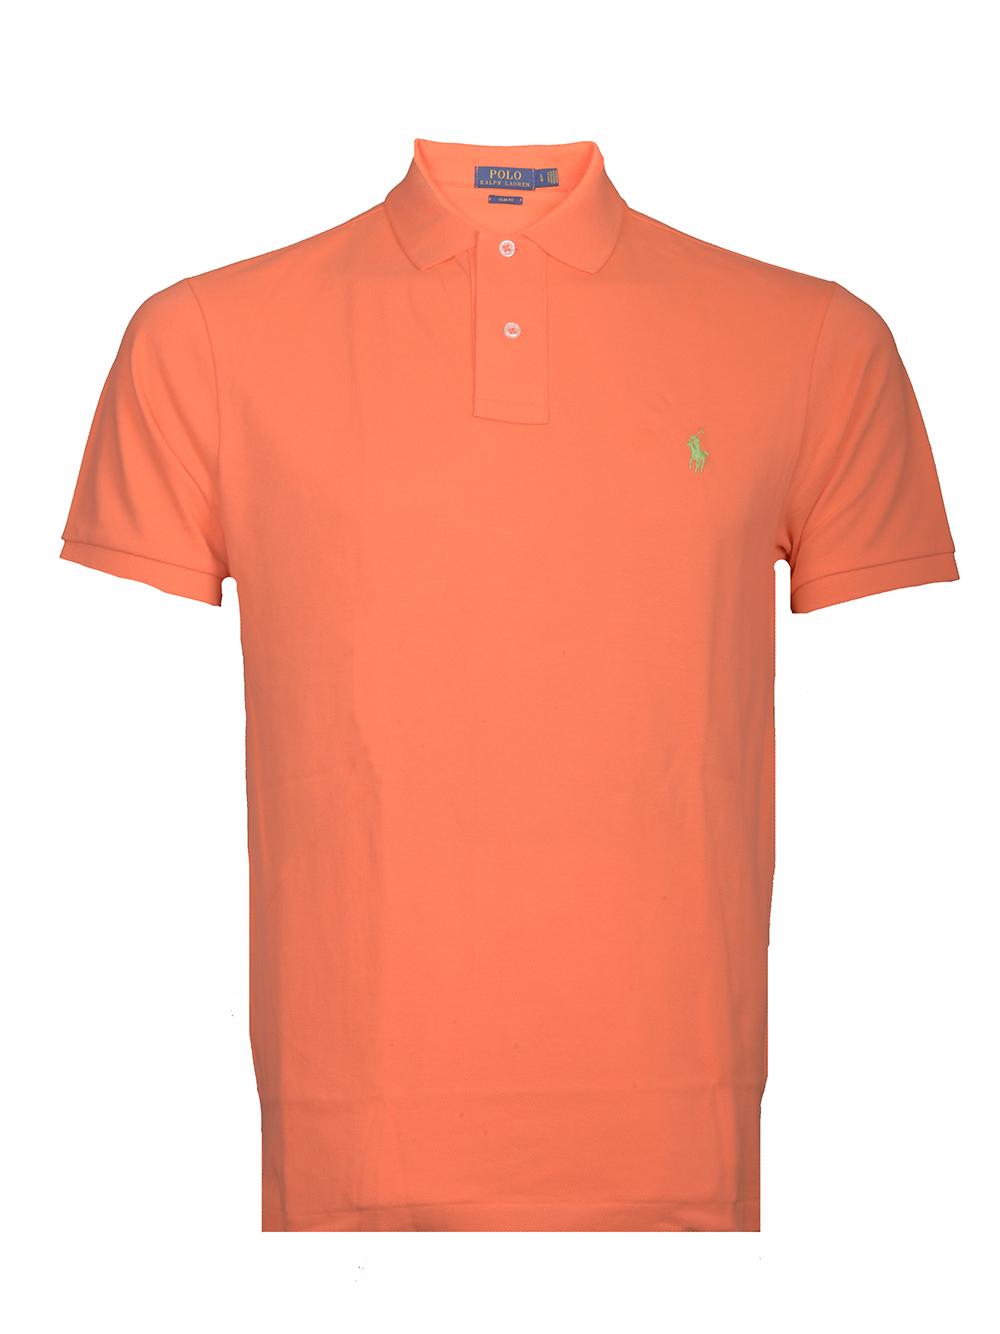 POLO RALPH LAUREN Μπλούζα Polo 710536856133 ΠΟΡΤΟΚΑΛΙ